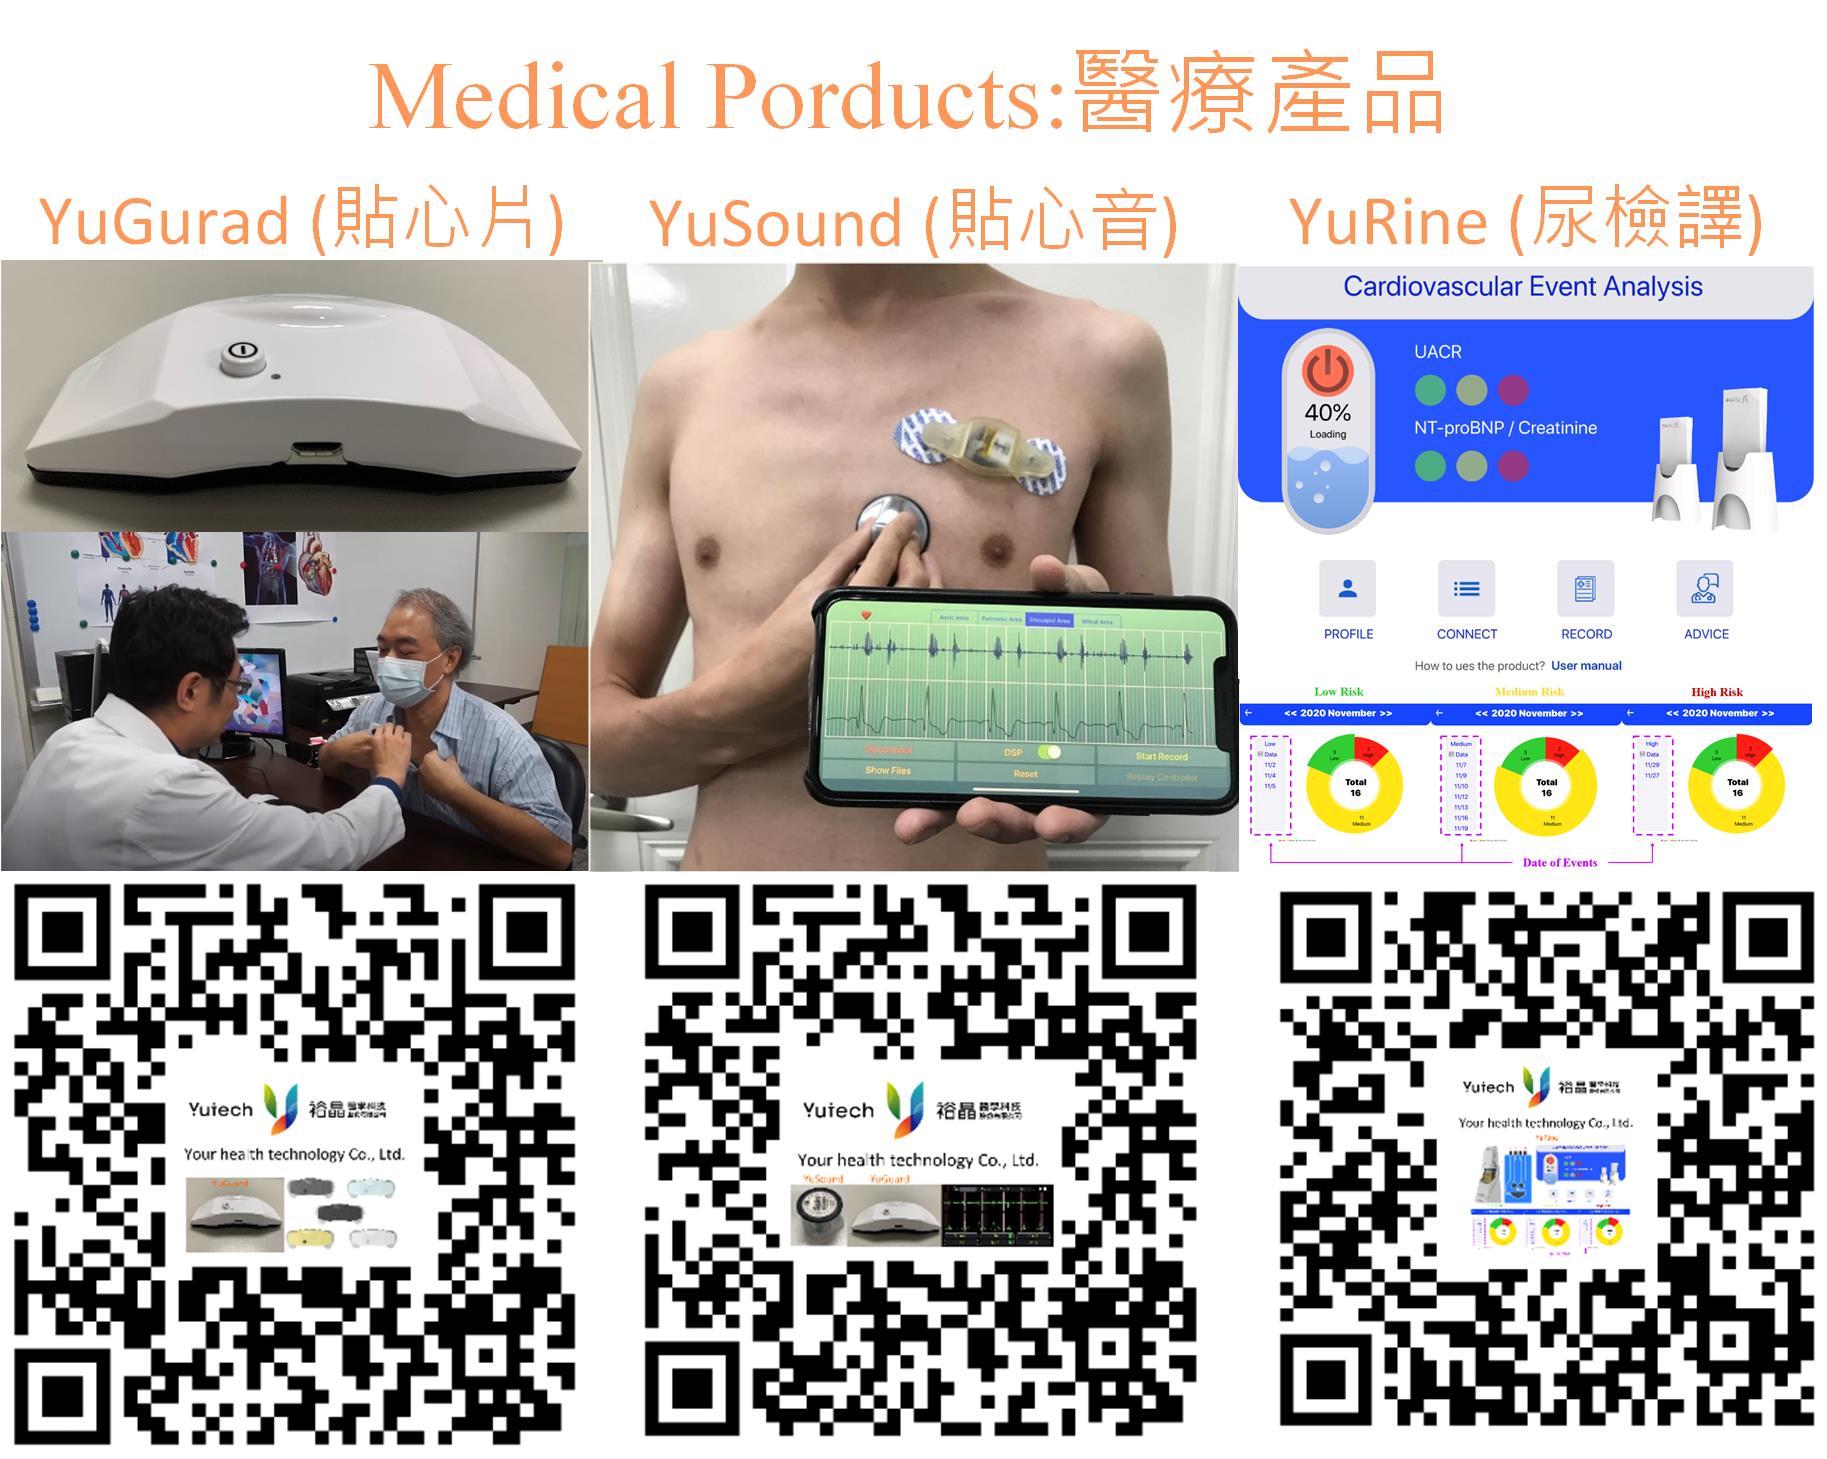 應用於預防心血管疾病之無線生理檢測晶片系統與平台